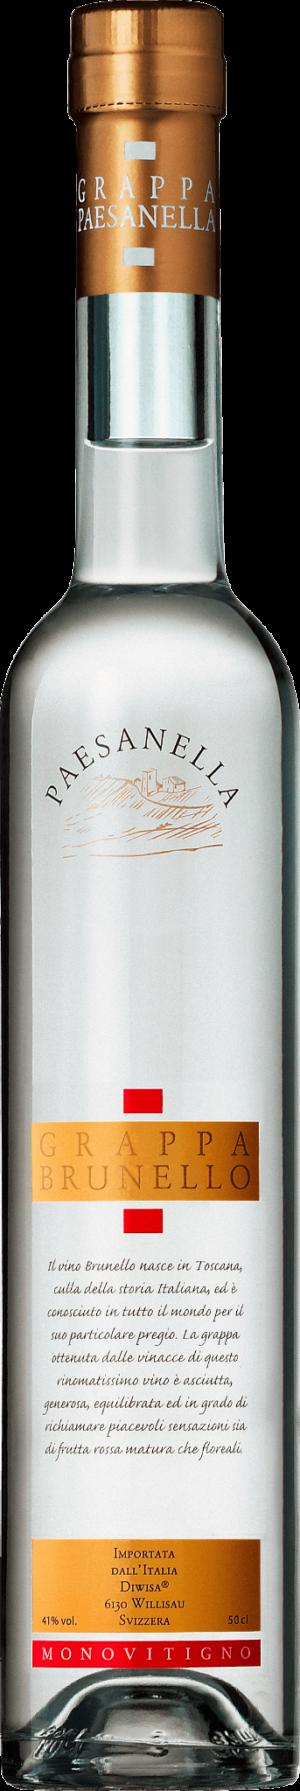 Grappa Brunello Paesanella 41% Vol. 50 cl